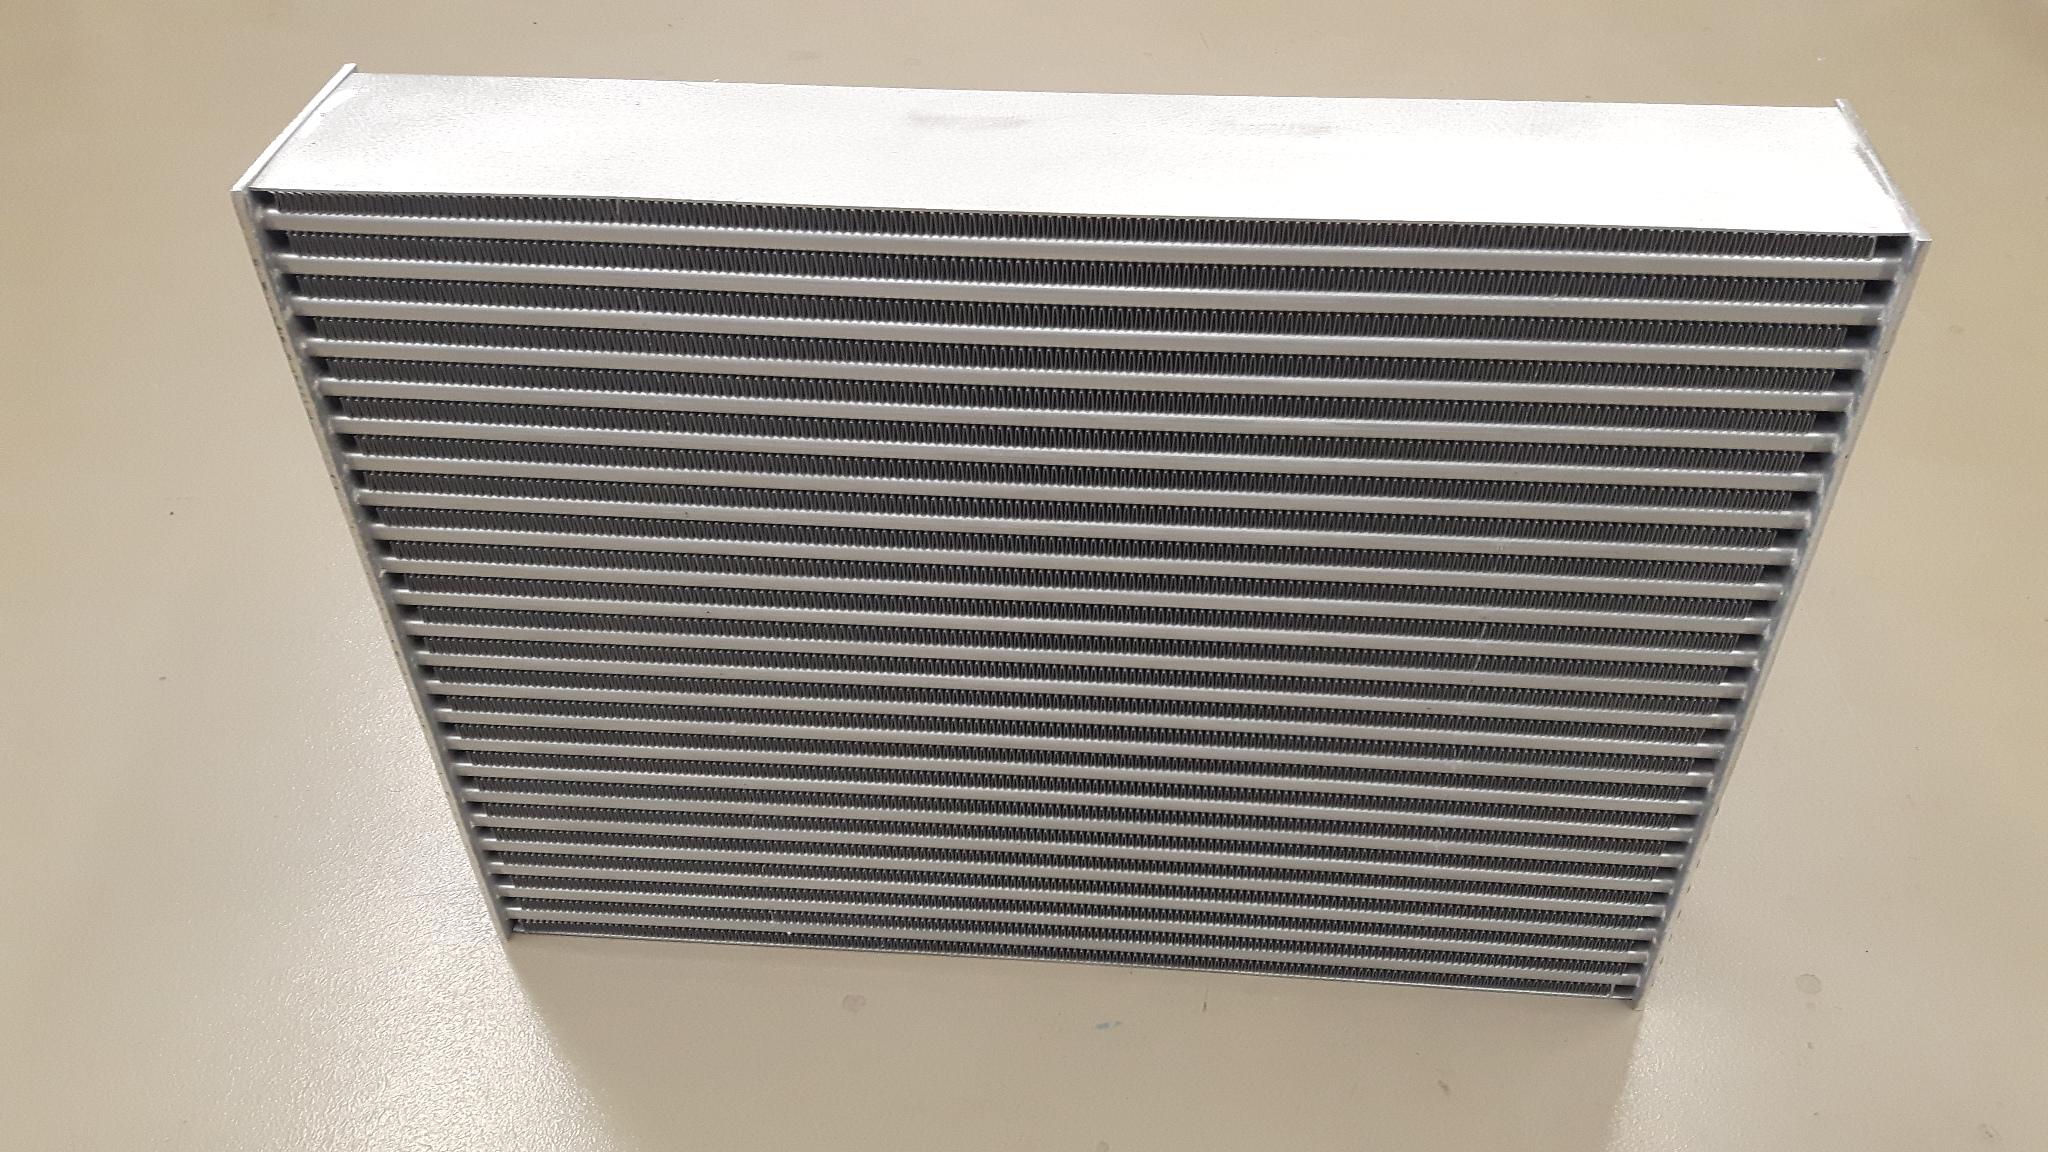 H&S speciaal intercooler koelblok 505 x 380 x 82-0